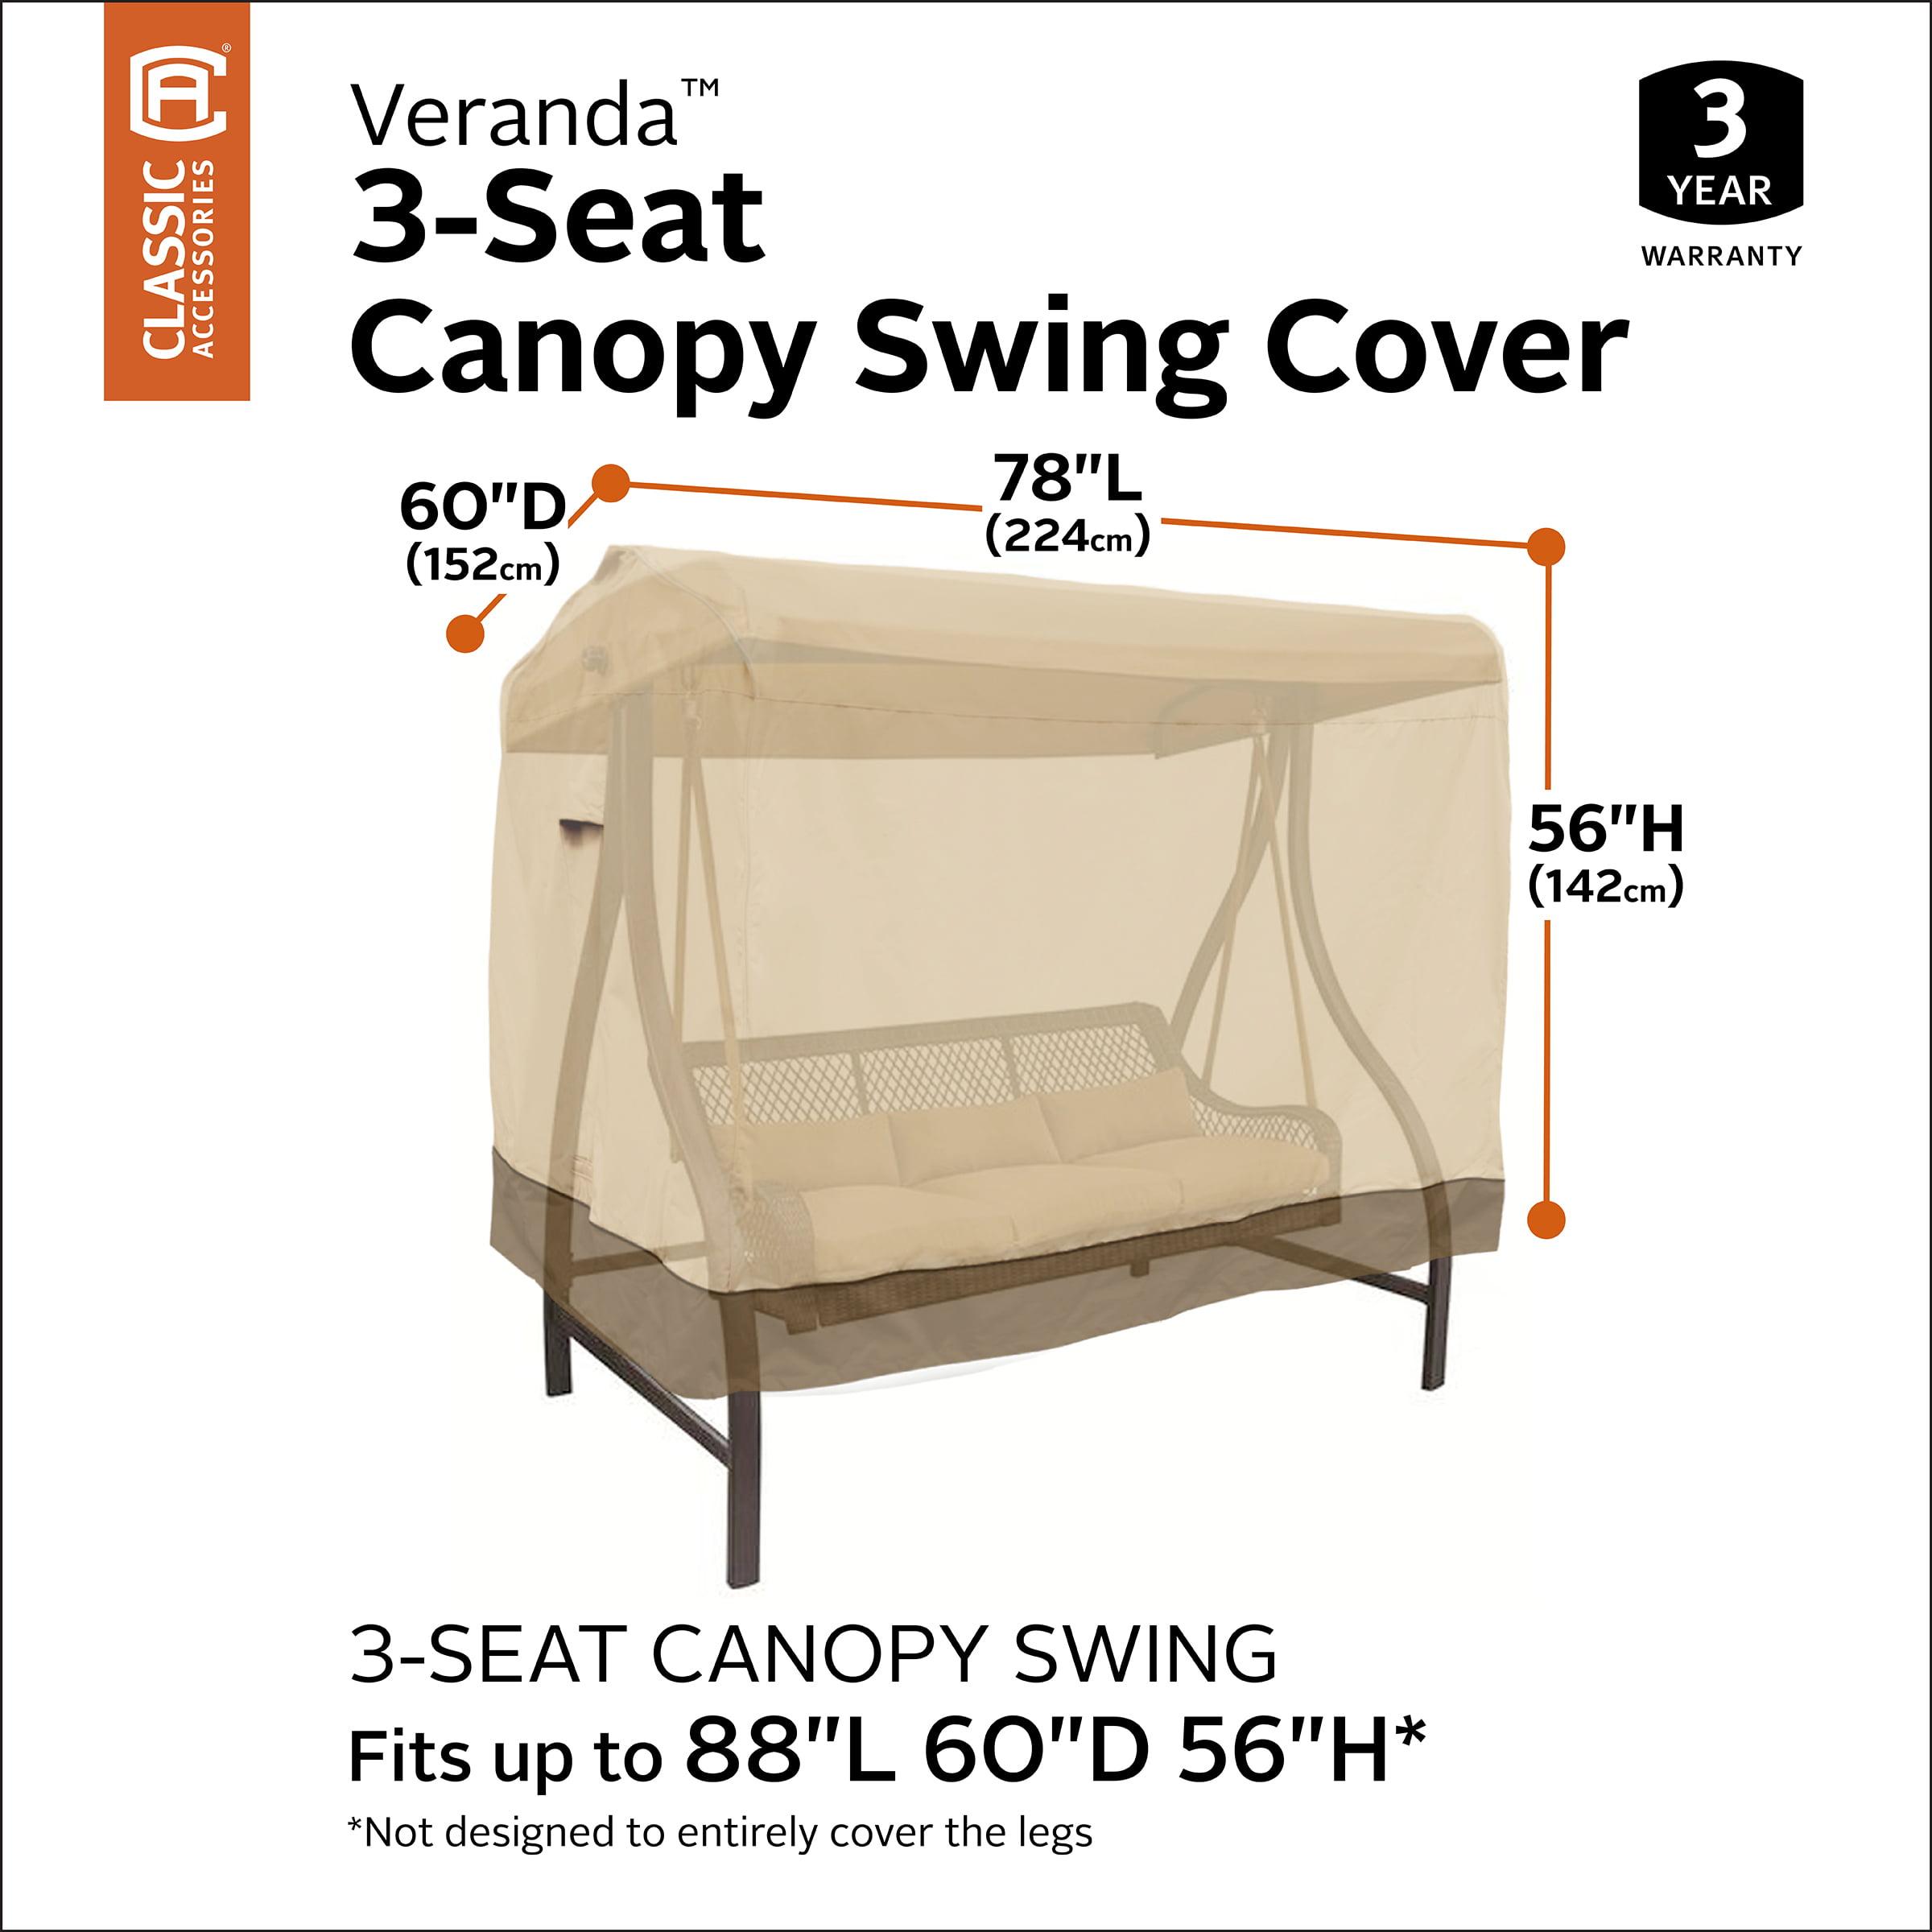 Classic Accessories Veranda Canopy Swing Cover Pebble//82L x 62W x 58H